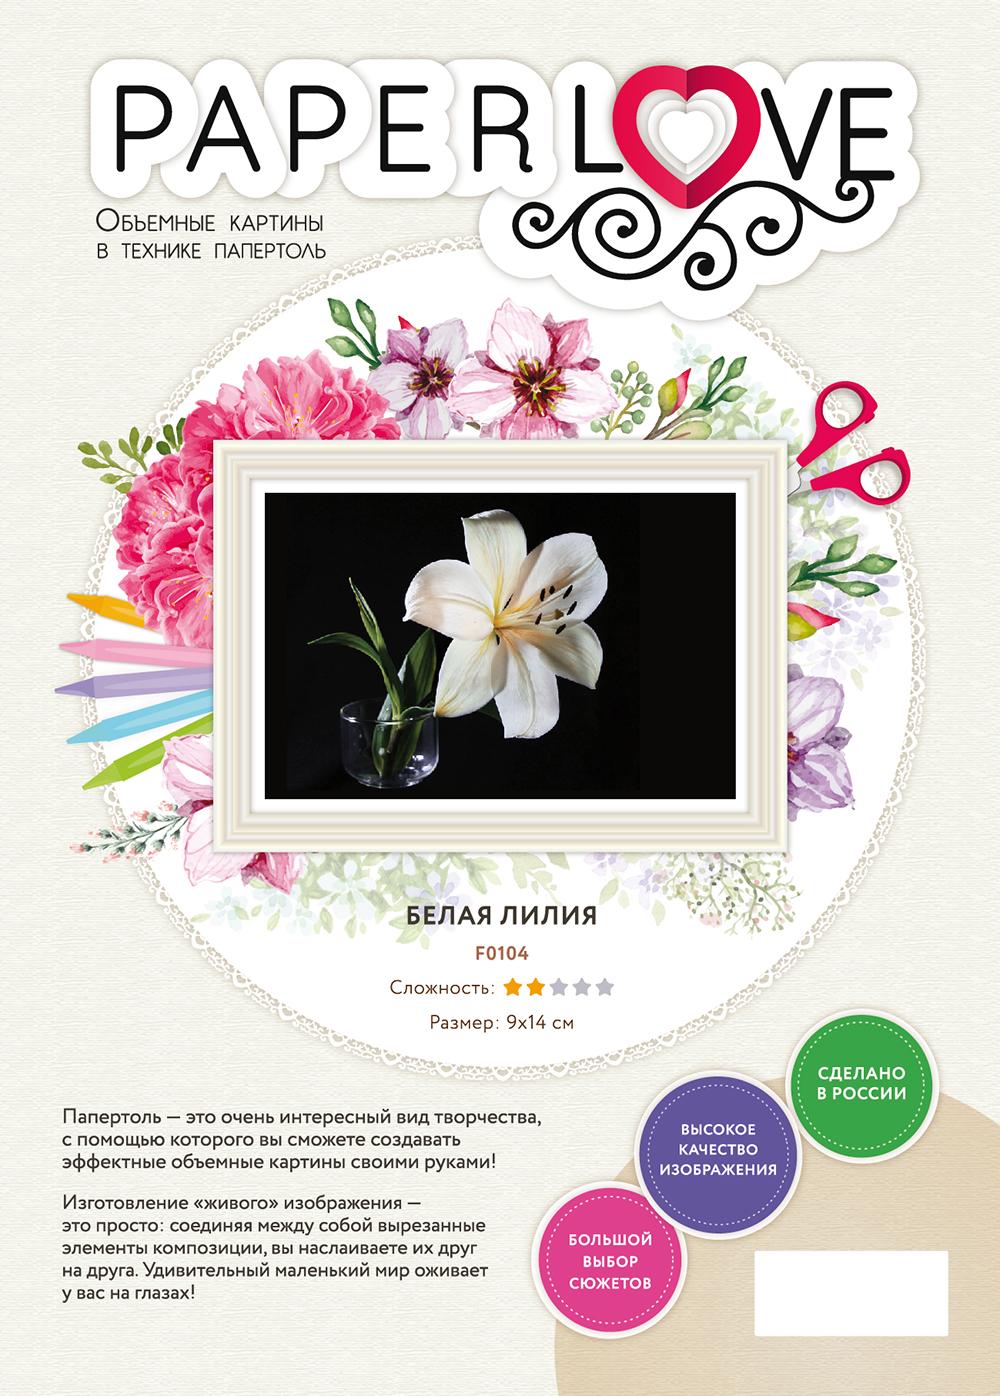 Папертоль Белая лилия — фотография обложки.